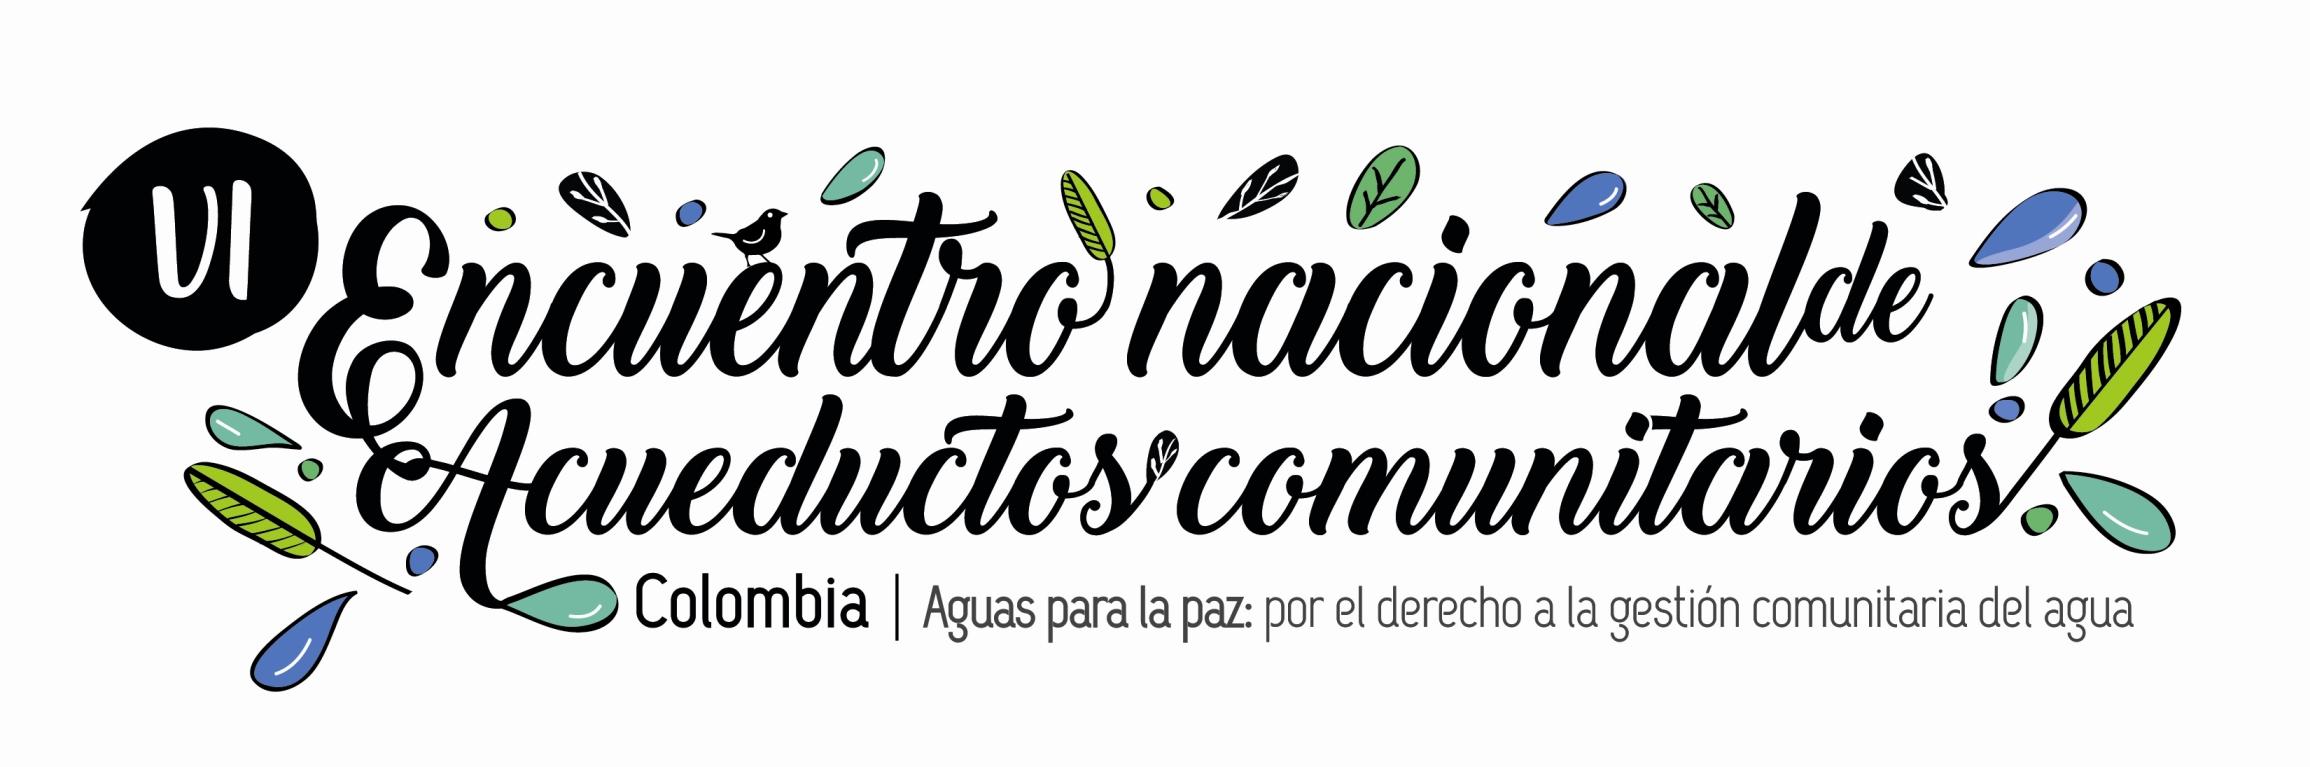 copia-de-logoencuentronacionalacue-04